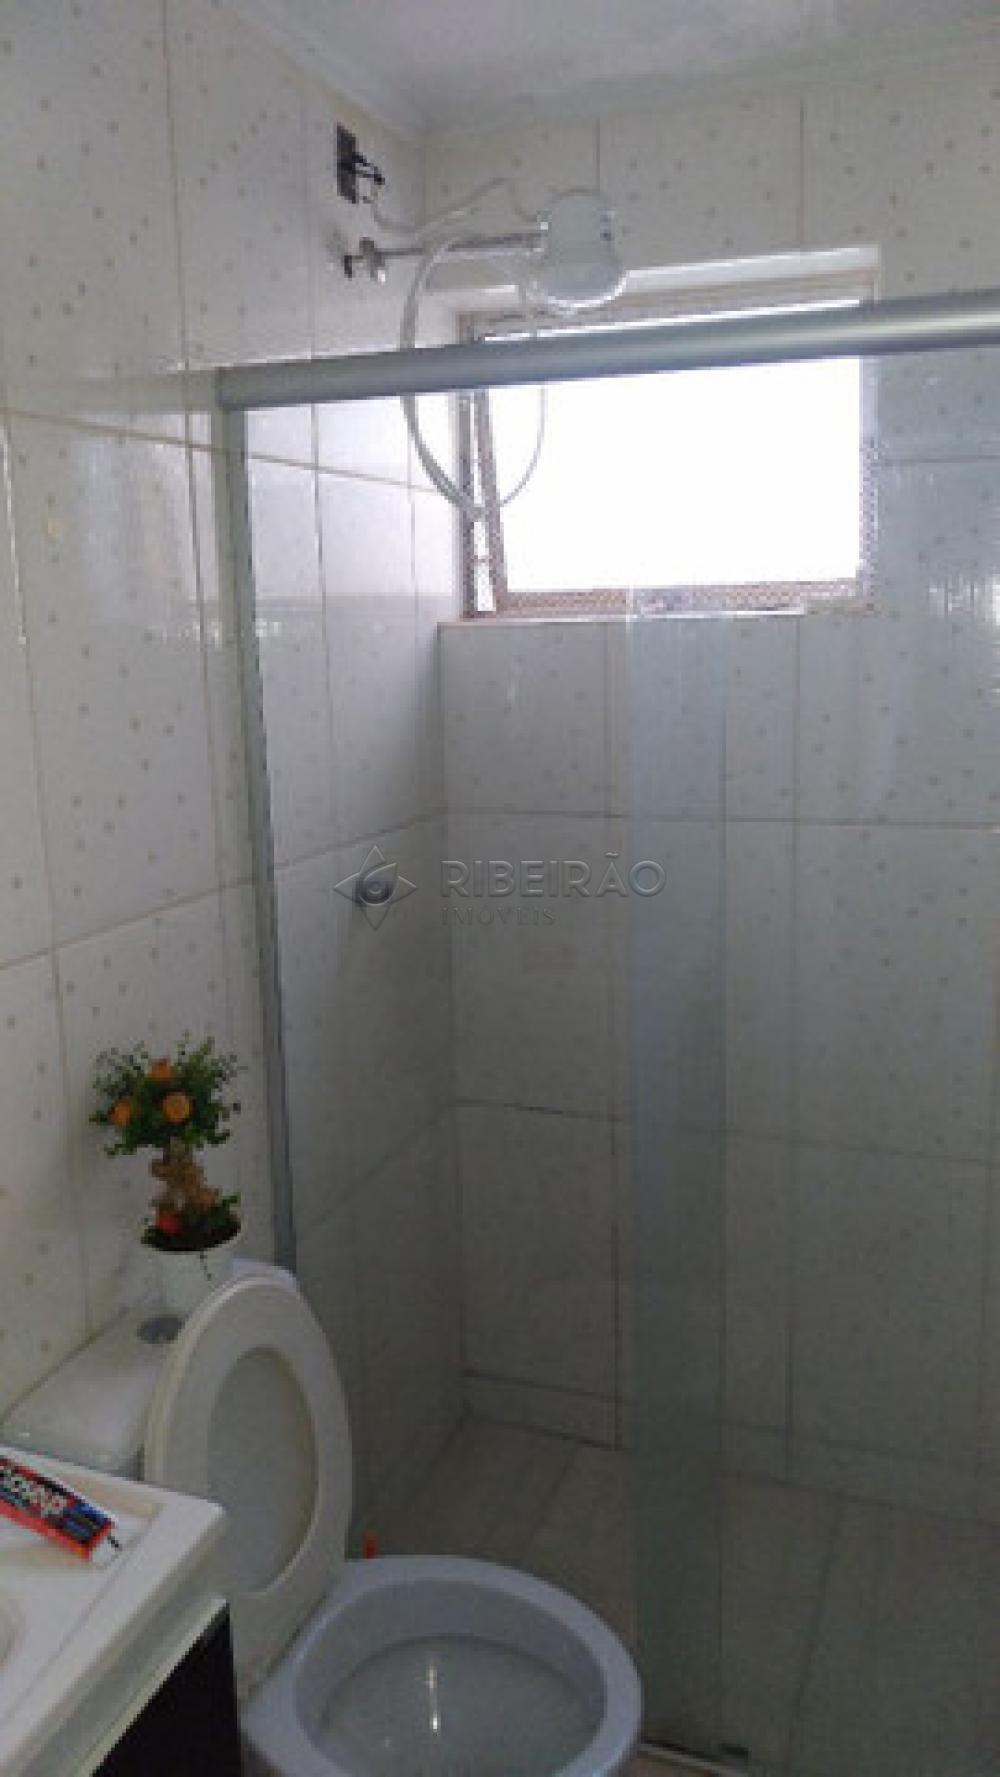 Comprar Apartamento / Padrão em Ribeirão Preto apenas R$ 135.000,00 - Foto 5